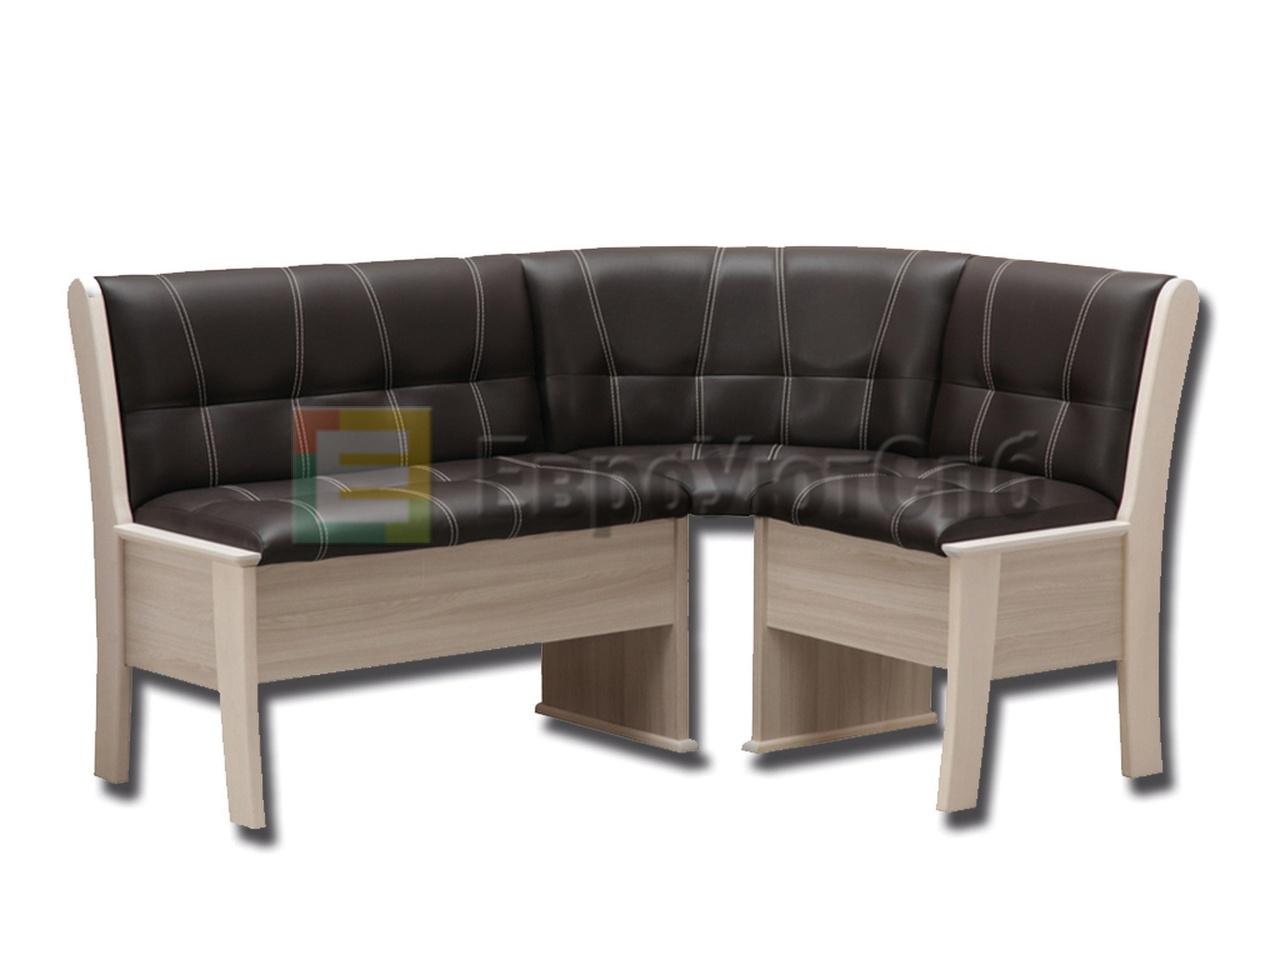 угловой диван на кухню этюд купить в спб каталог кухонных диванов